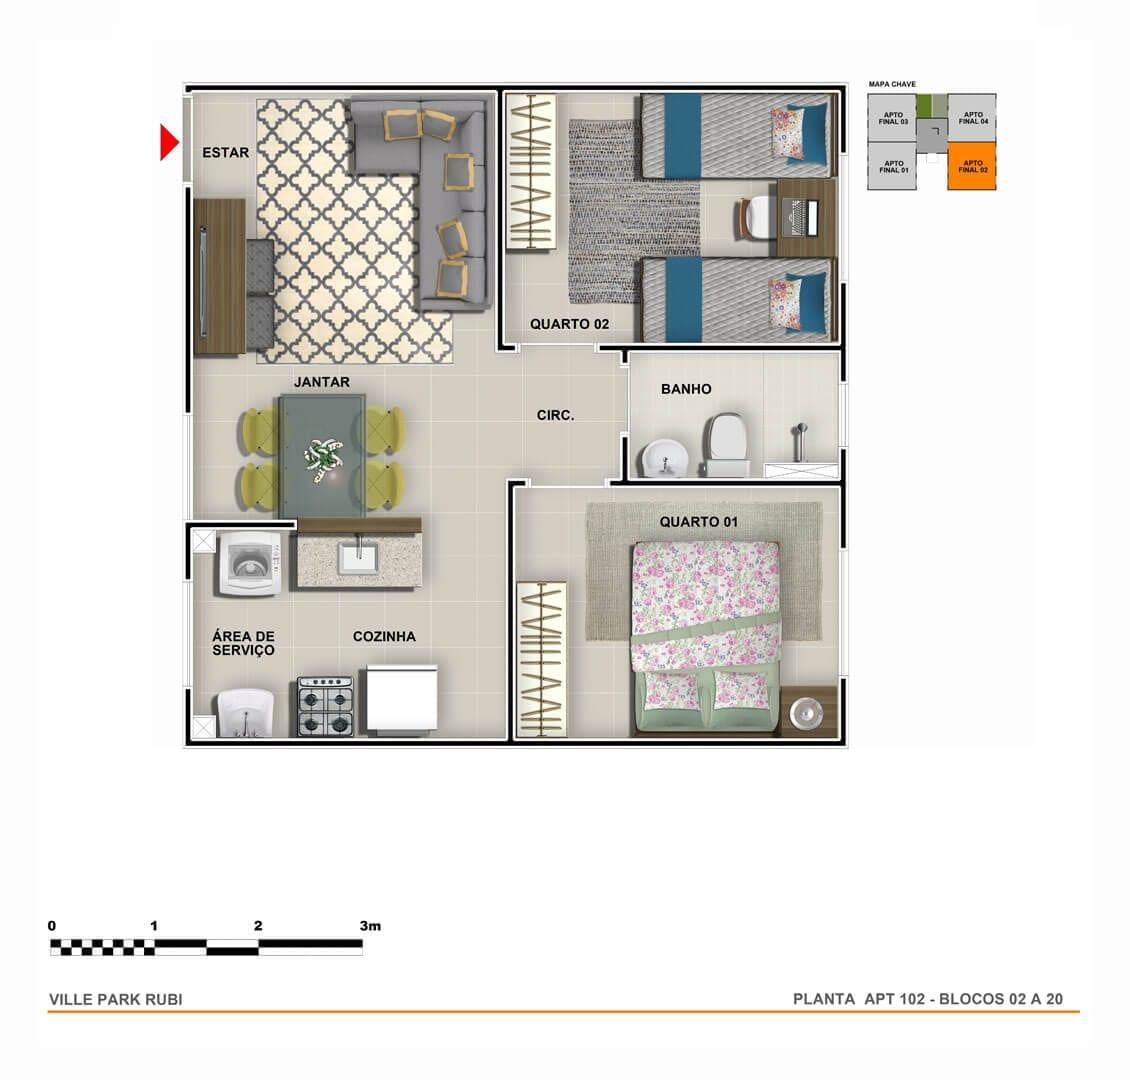 vic-engenharia-ville-park-rubi-apartamento-tipo-03